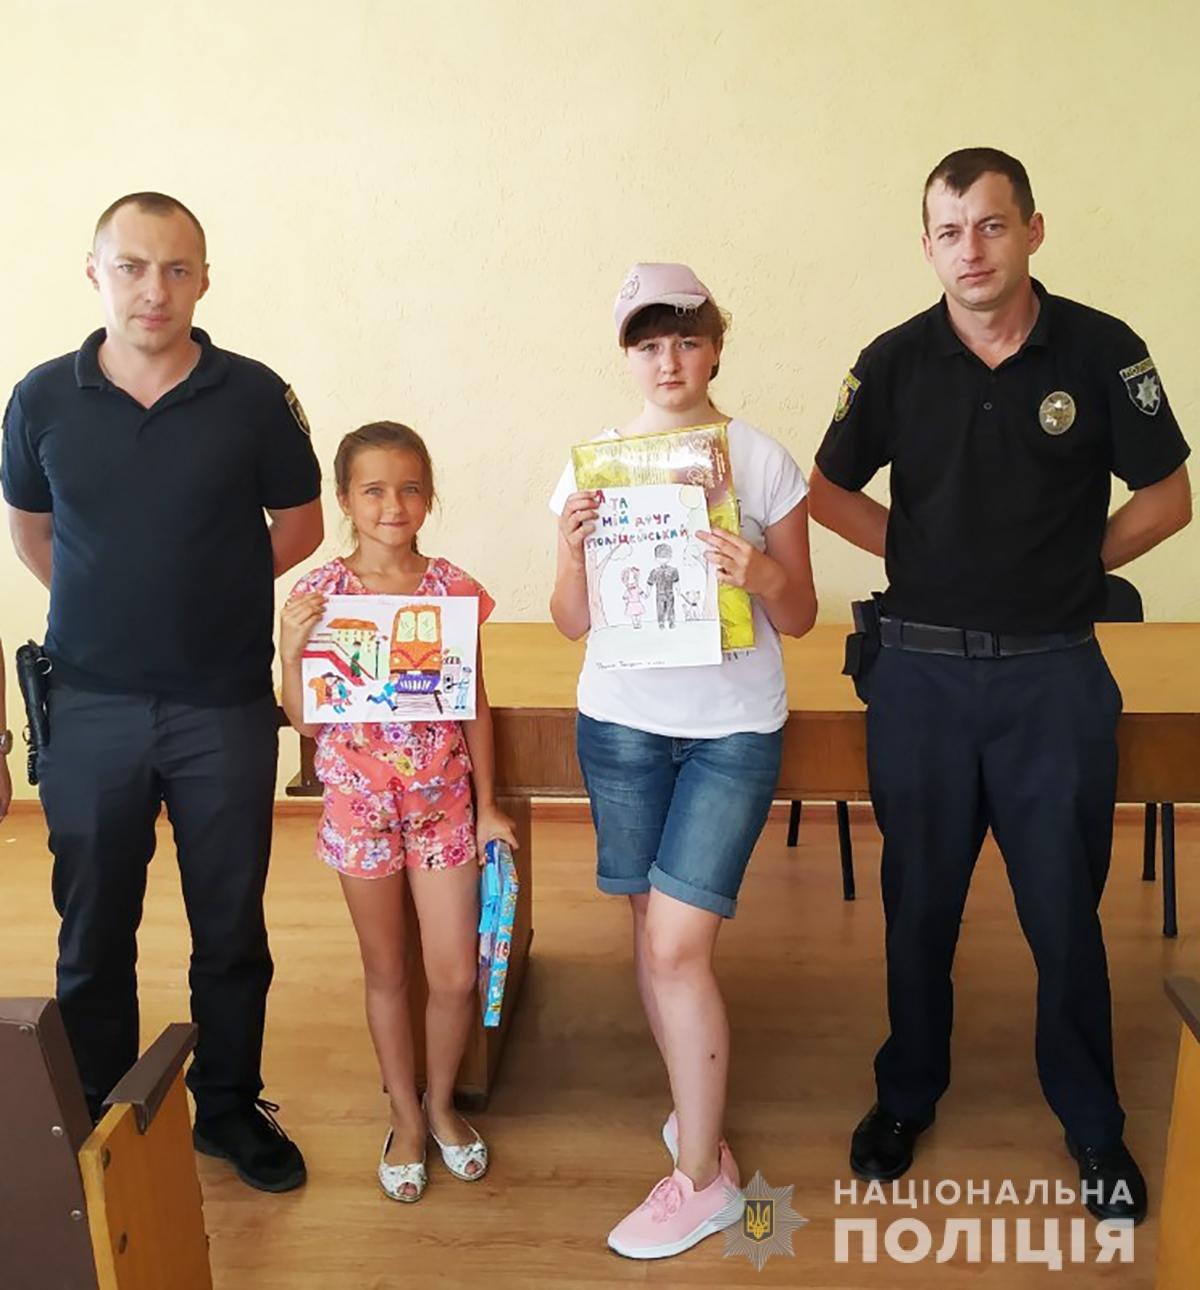 Поліція Житомирщини готується до фіналу конкурсу дитячого малюнку в ролі жюрі, фото-3